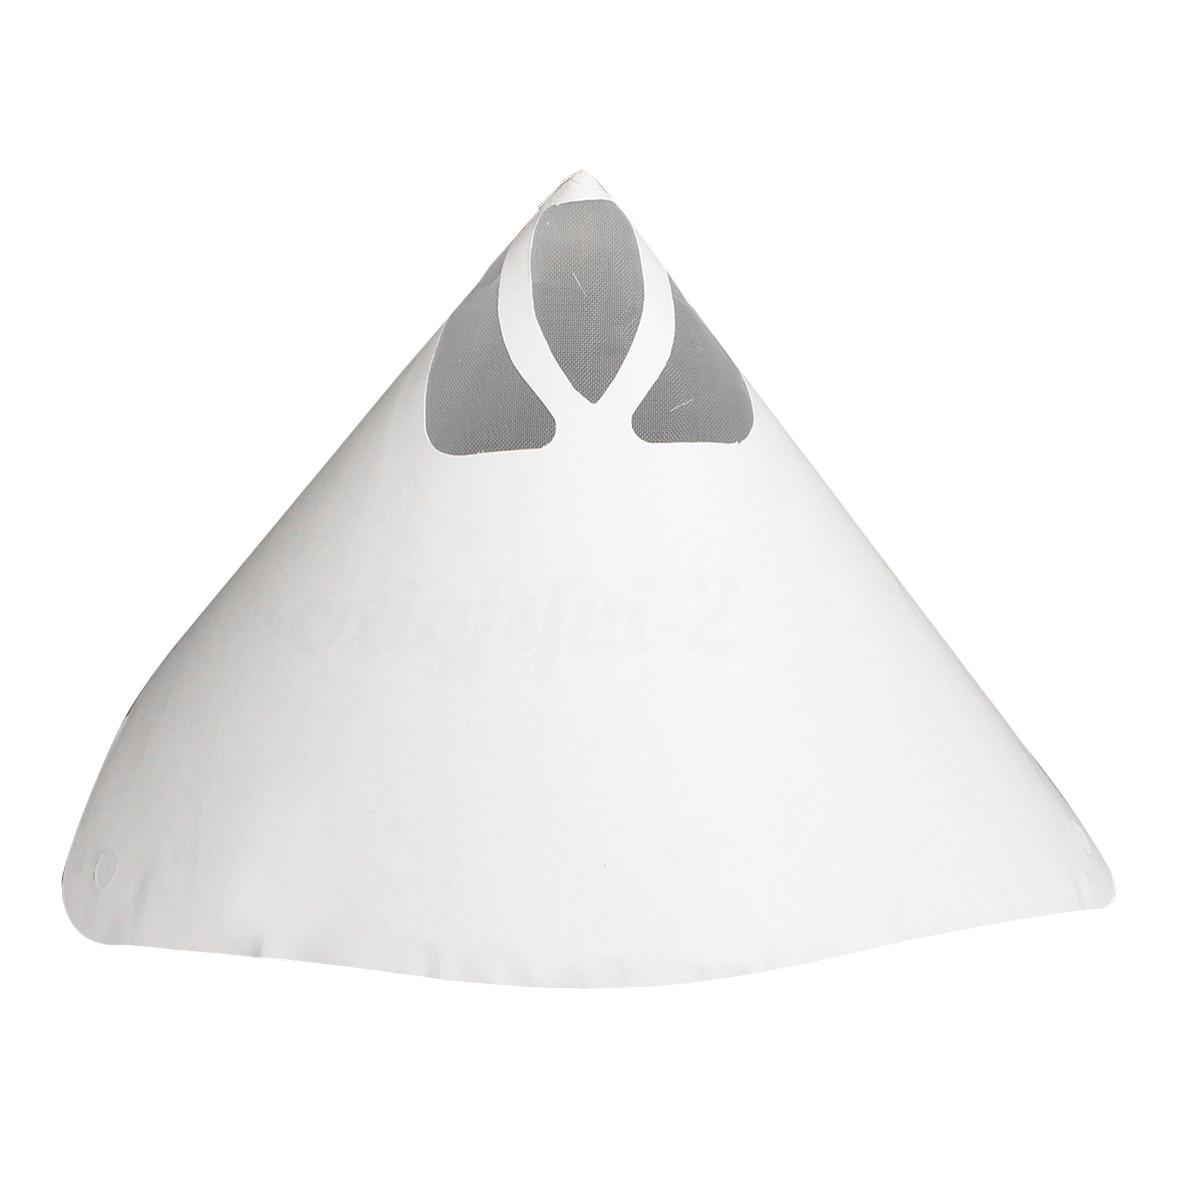 Malha fina do filtro da peneira dos filtros do papel da pintura de 50 pces (150 mícrons) novo